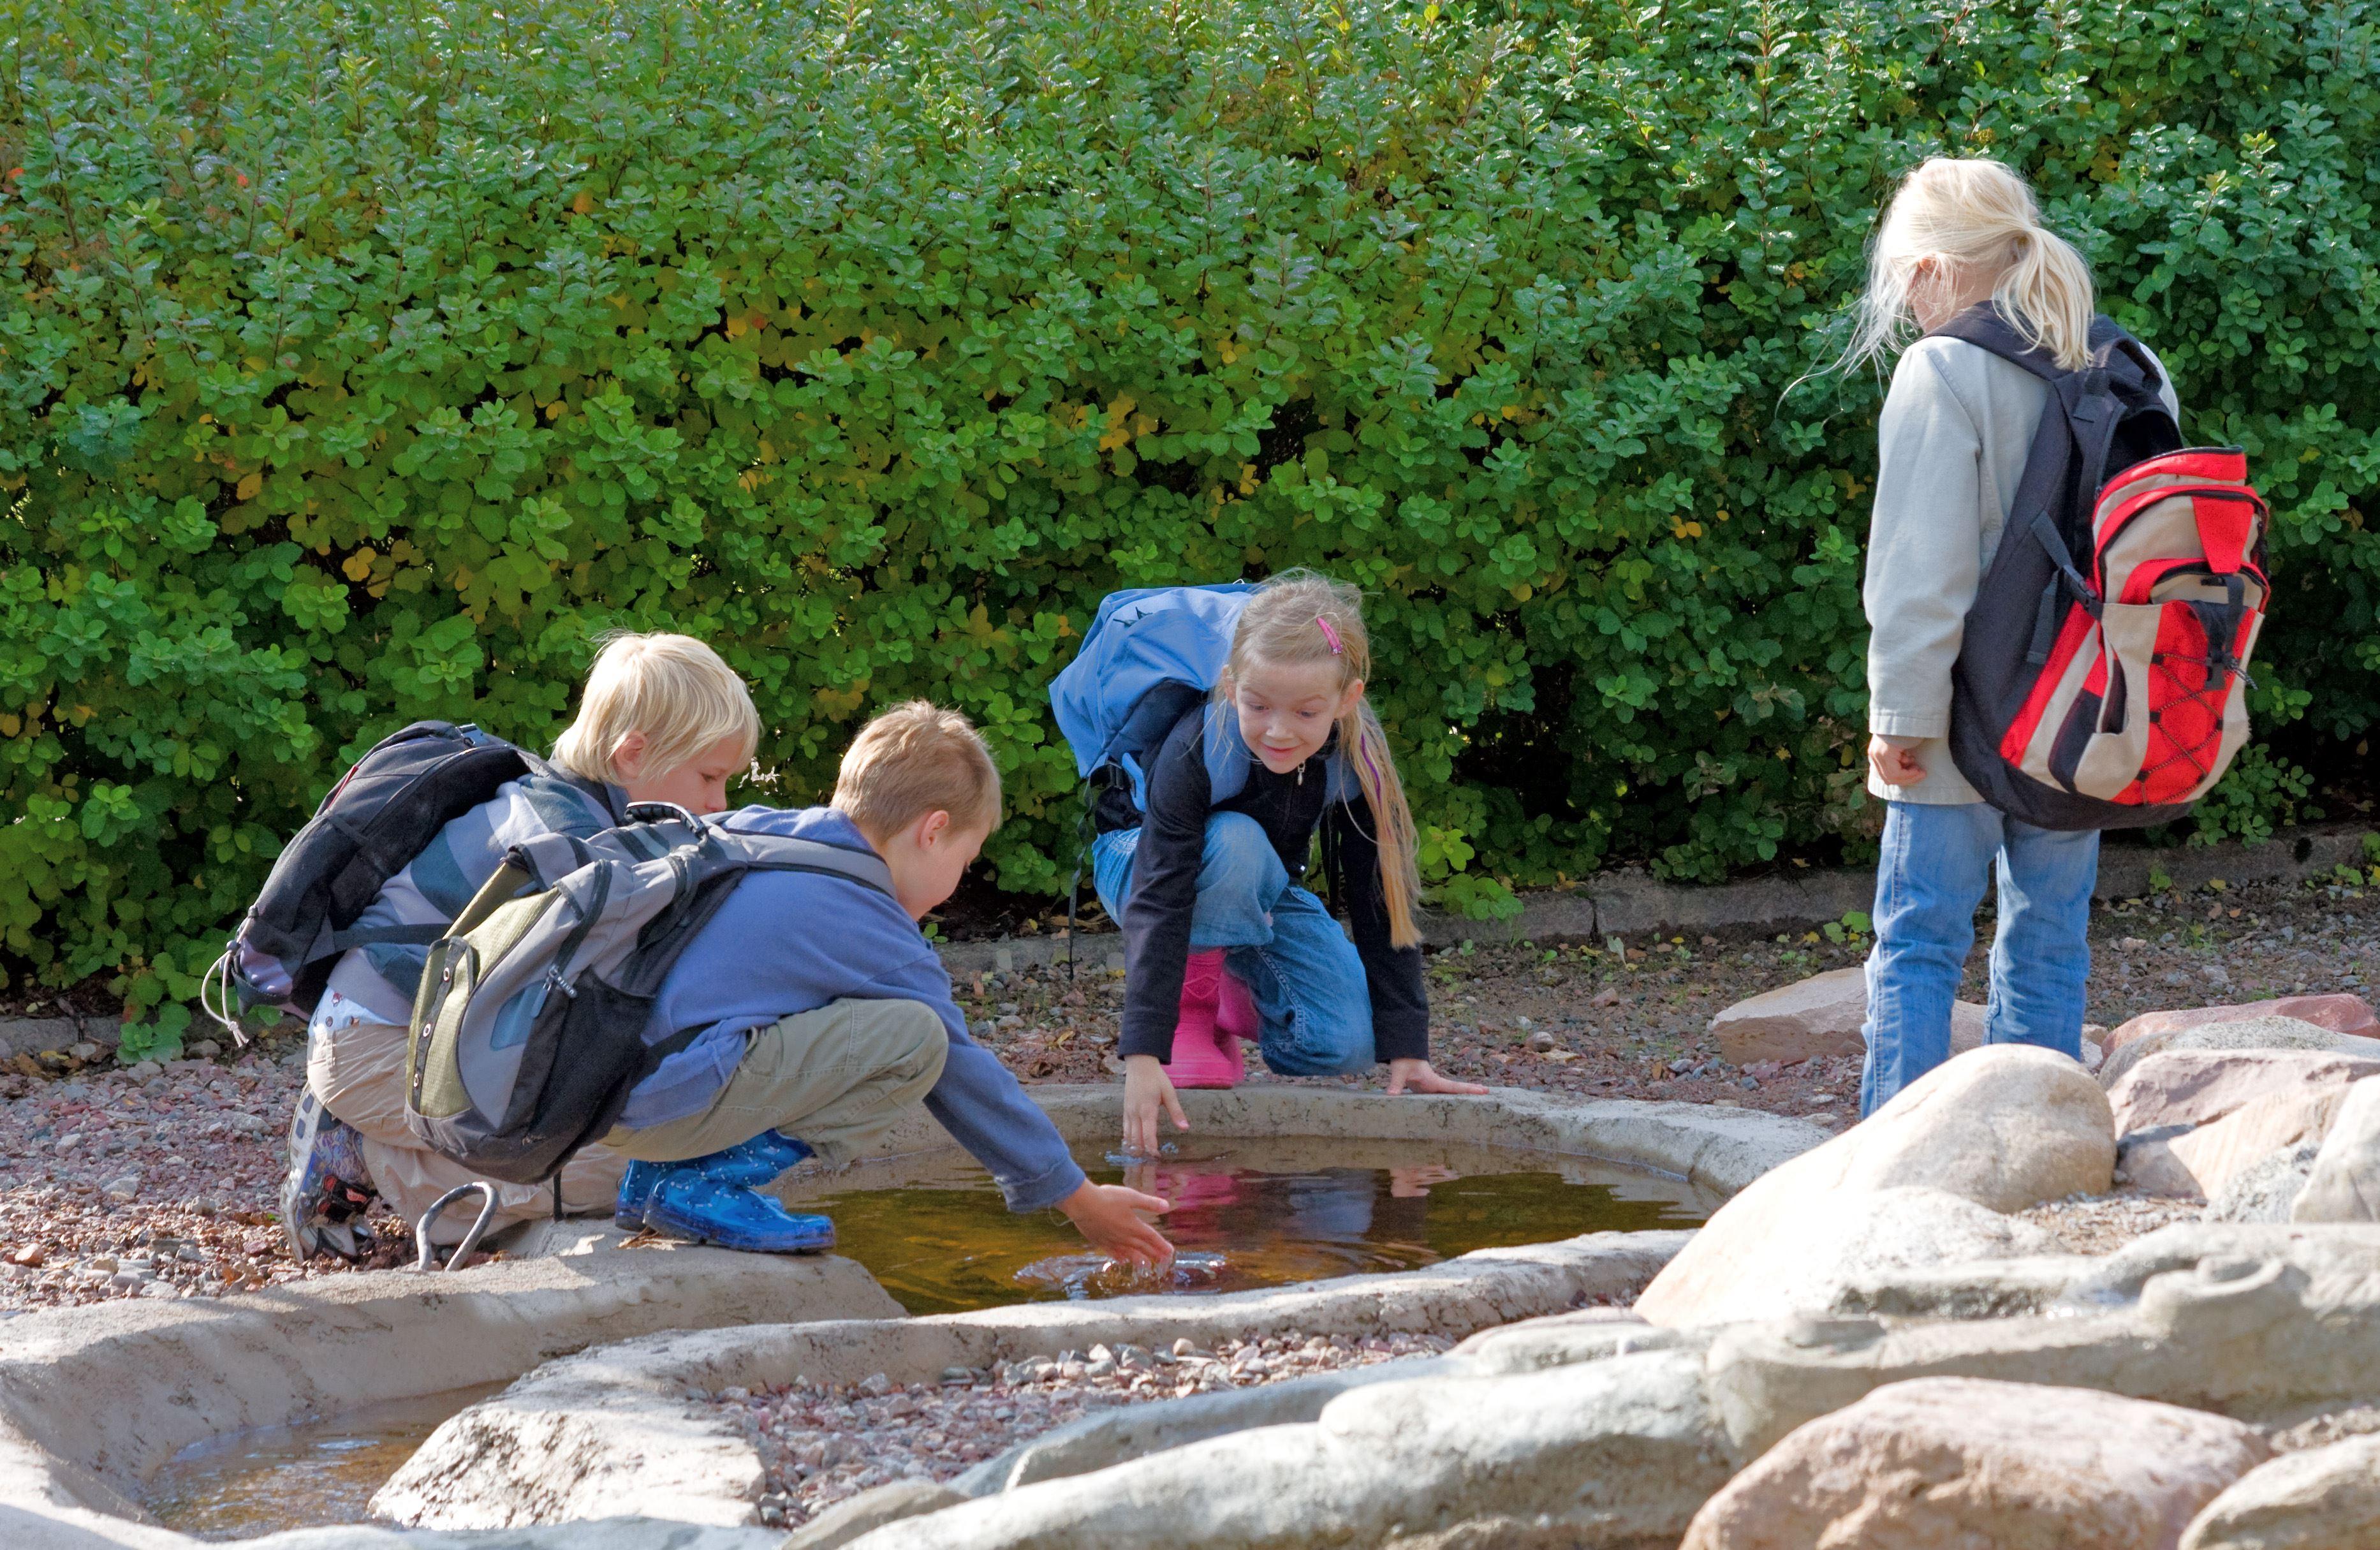 © Emåns ekomuseum, Emåns Ekomuseum in Bodafors